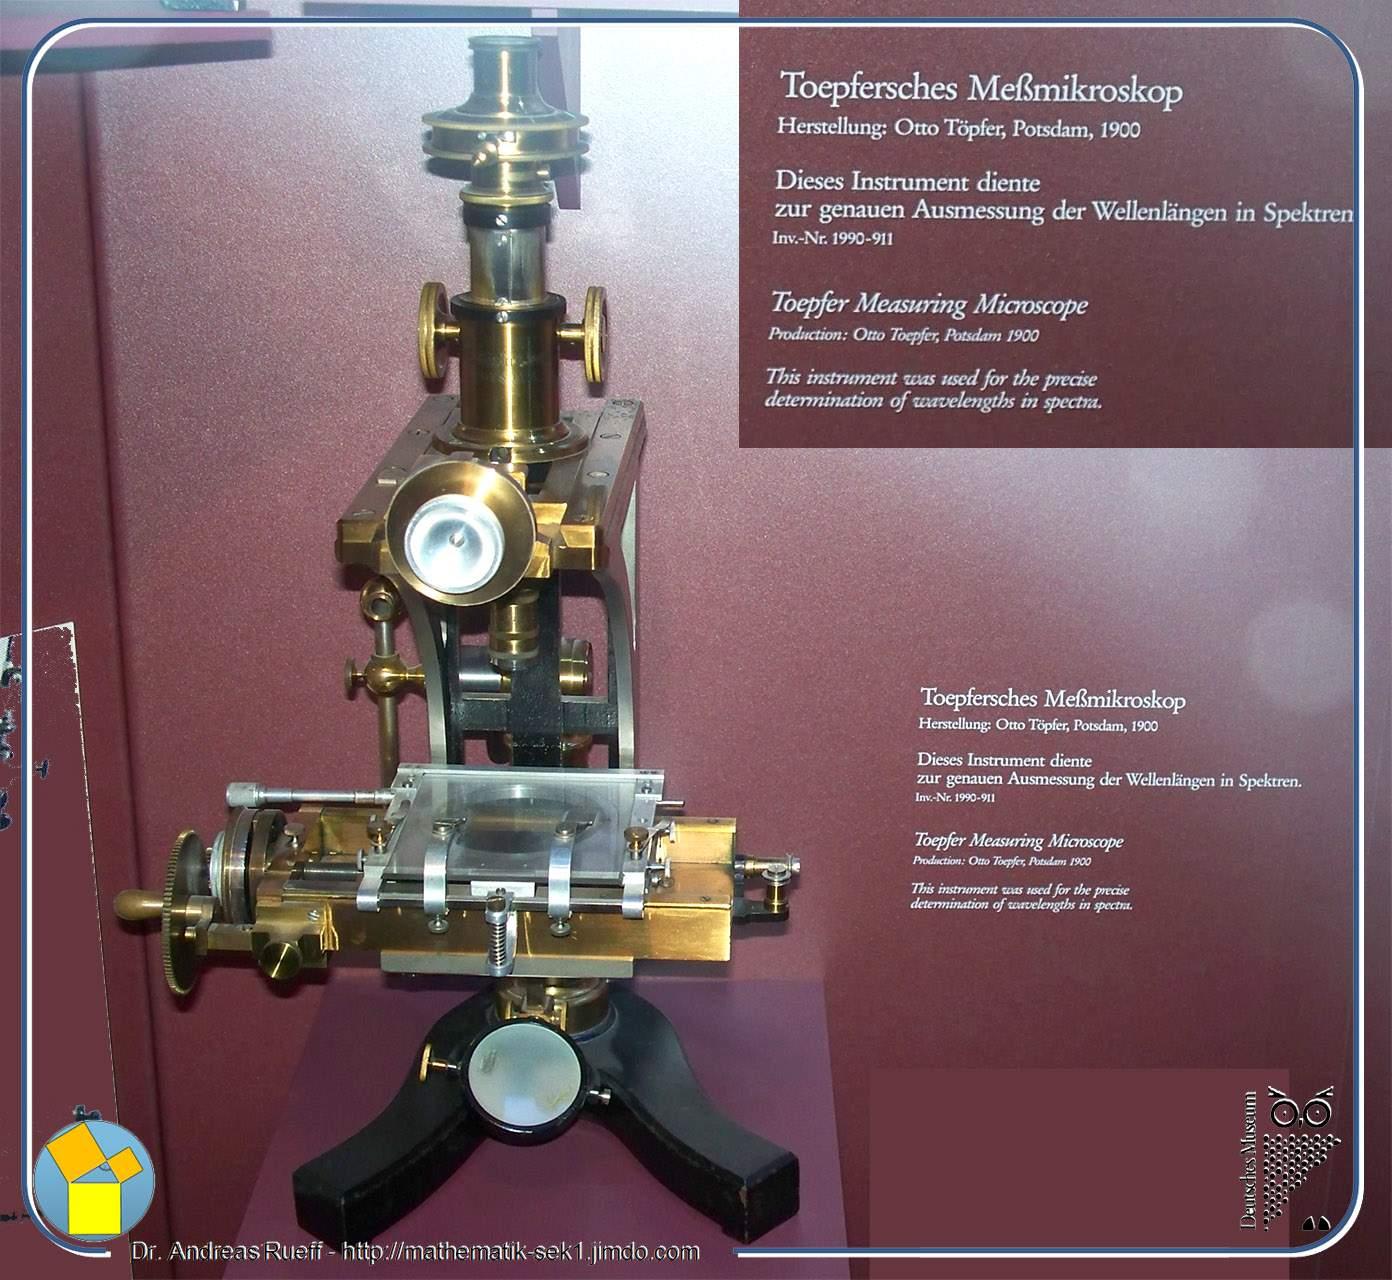 Toepfersches Meßmikroskop